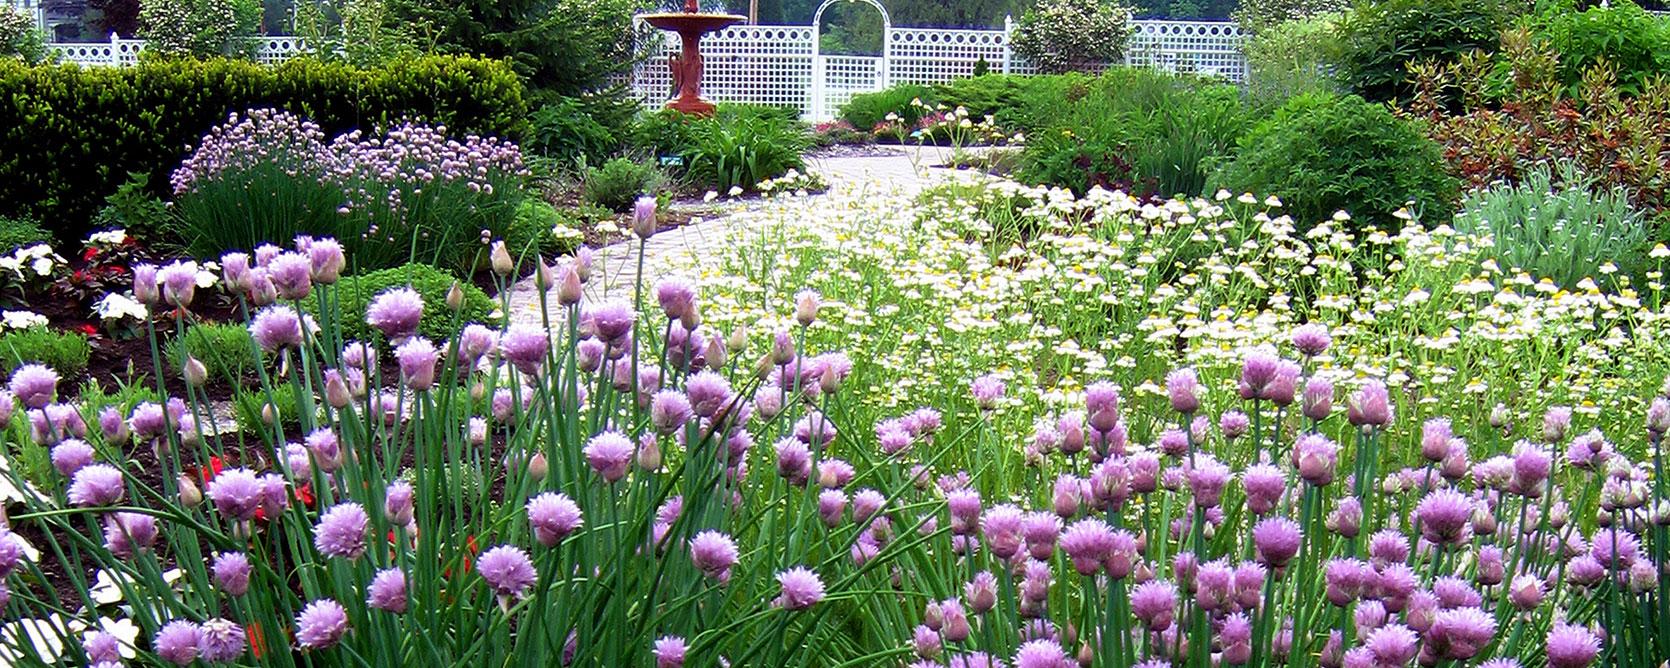 The Garden Pineland Farms Inc